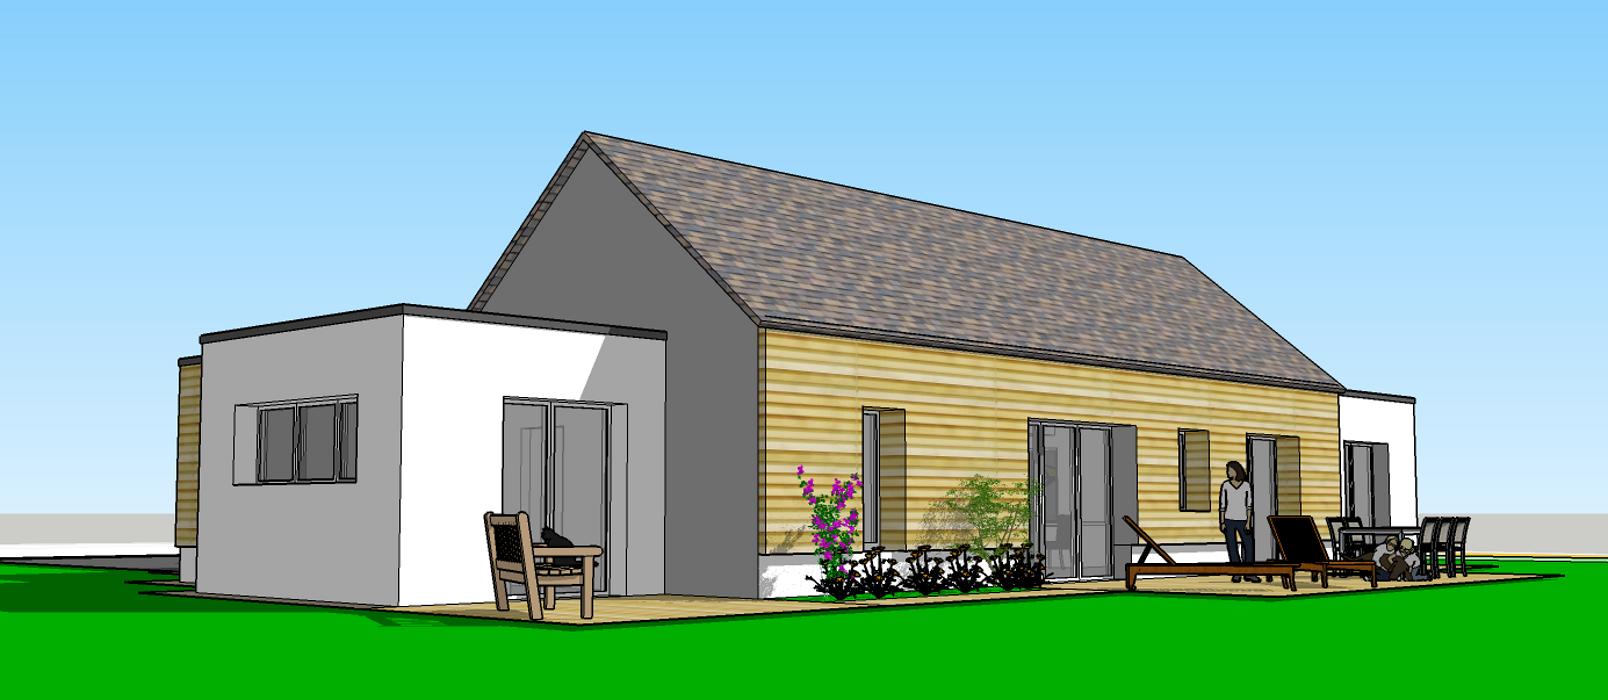 Projet : Aménager une maison avec accessibilité handicapé 0